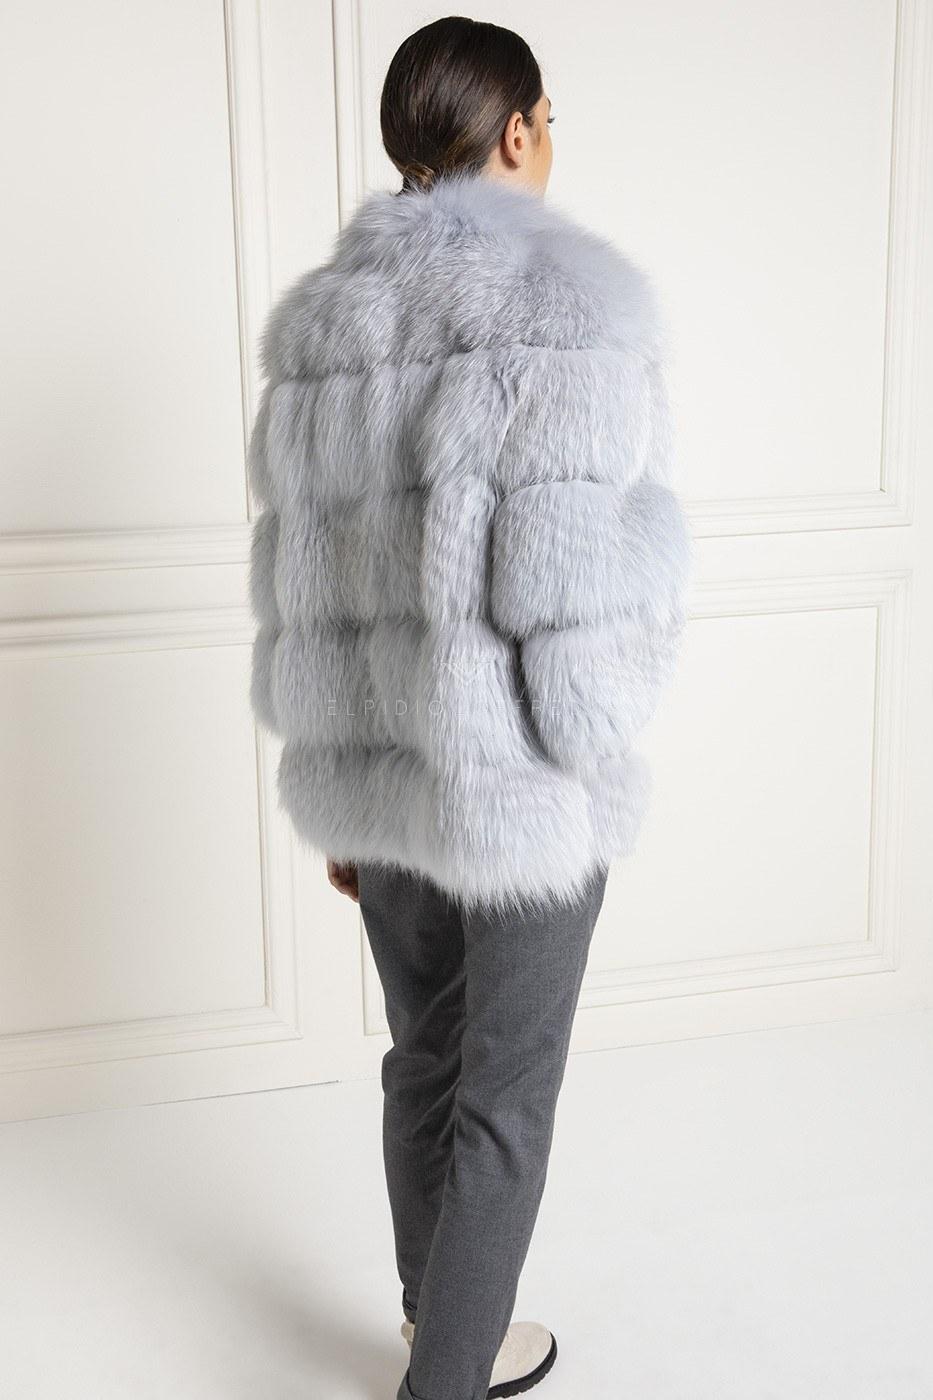 Giacca di Volpe con Collo Rotondo - Lunghezza 70 cm